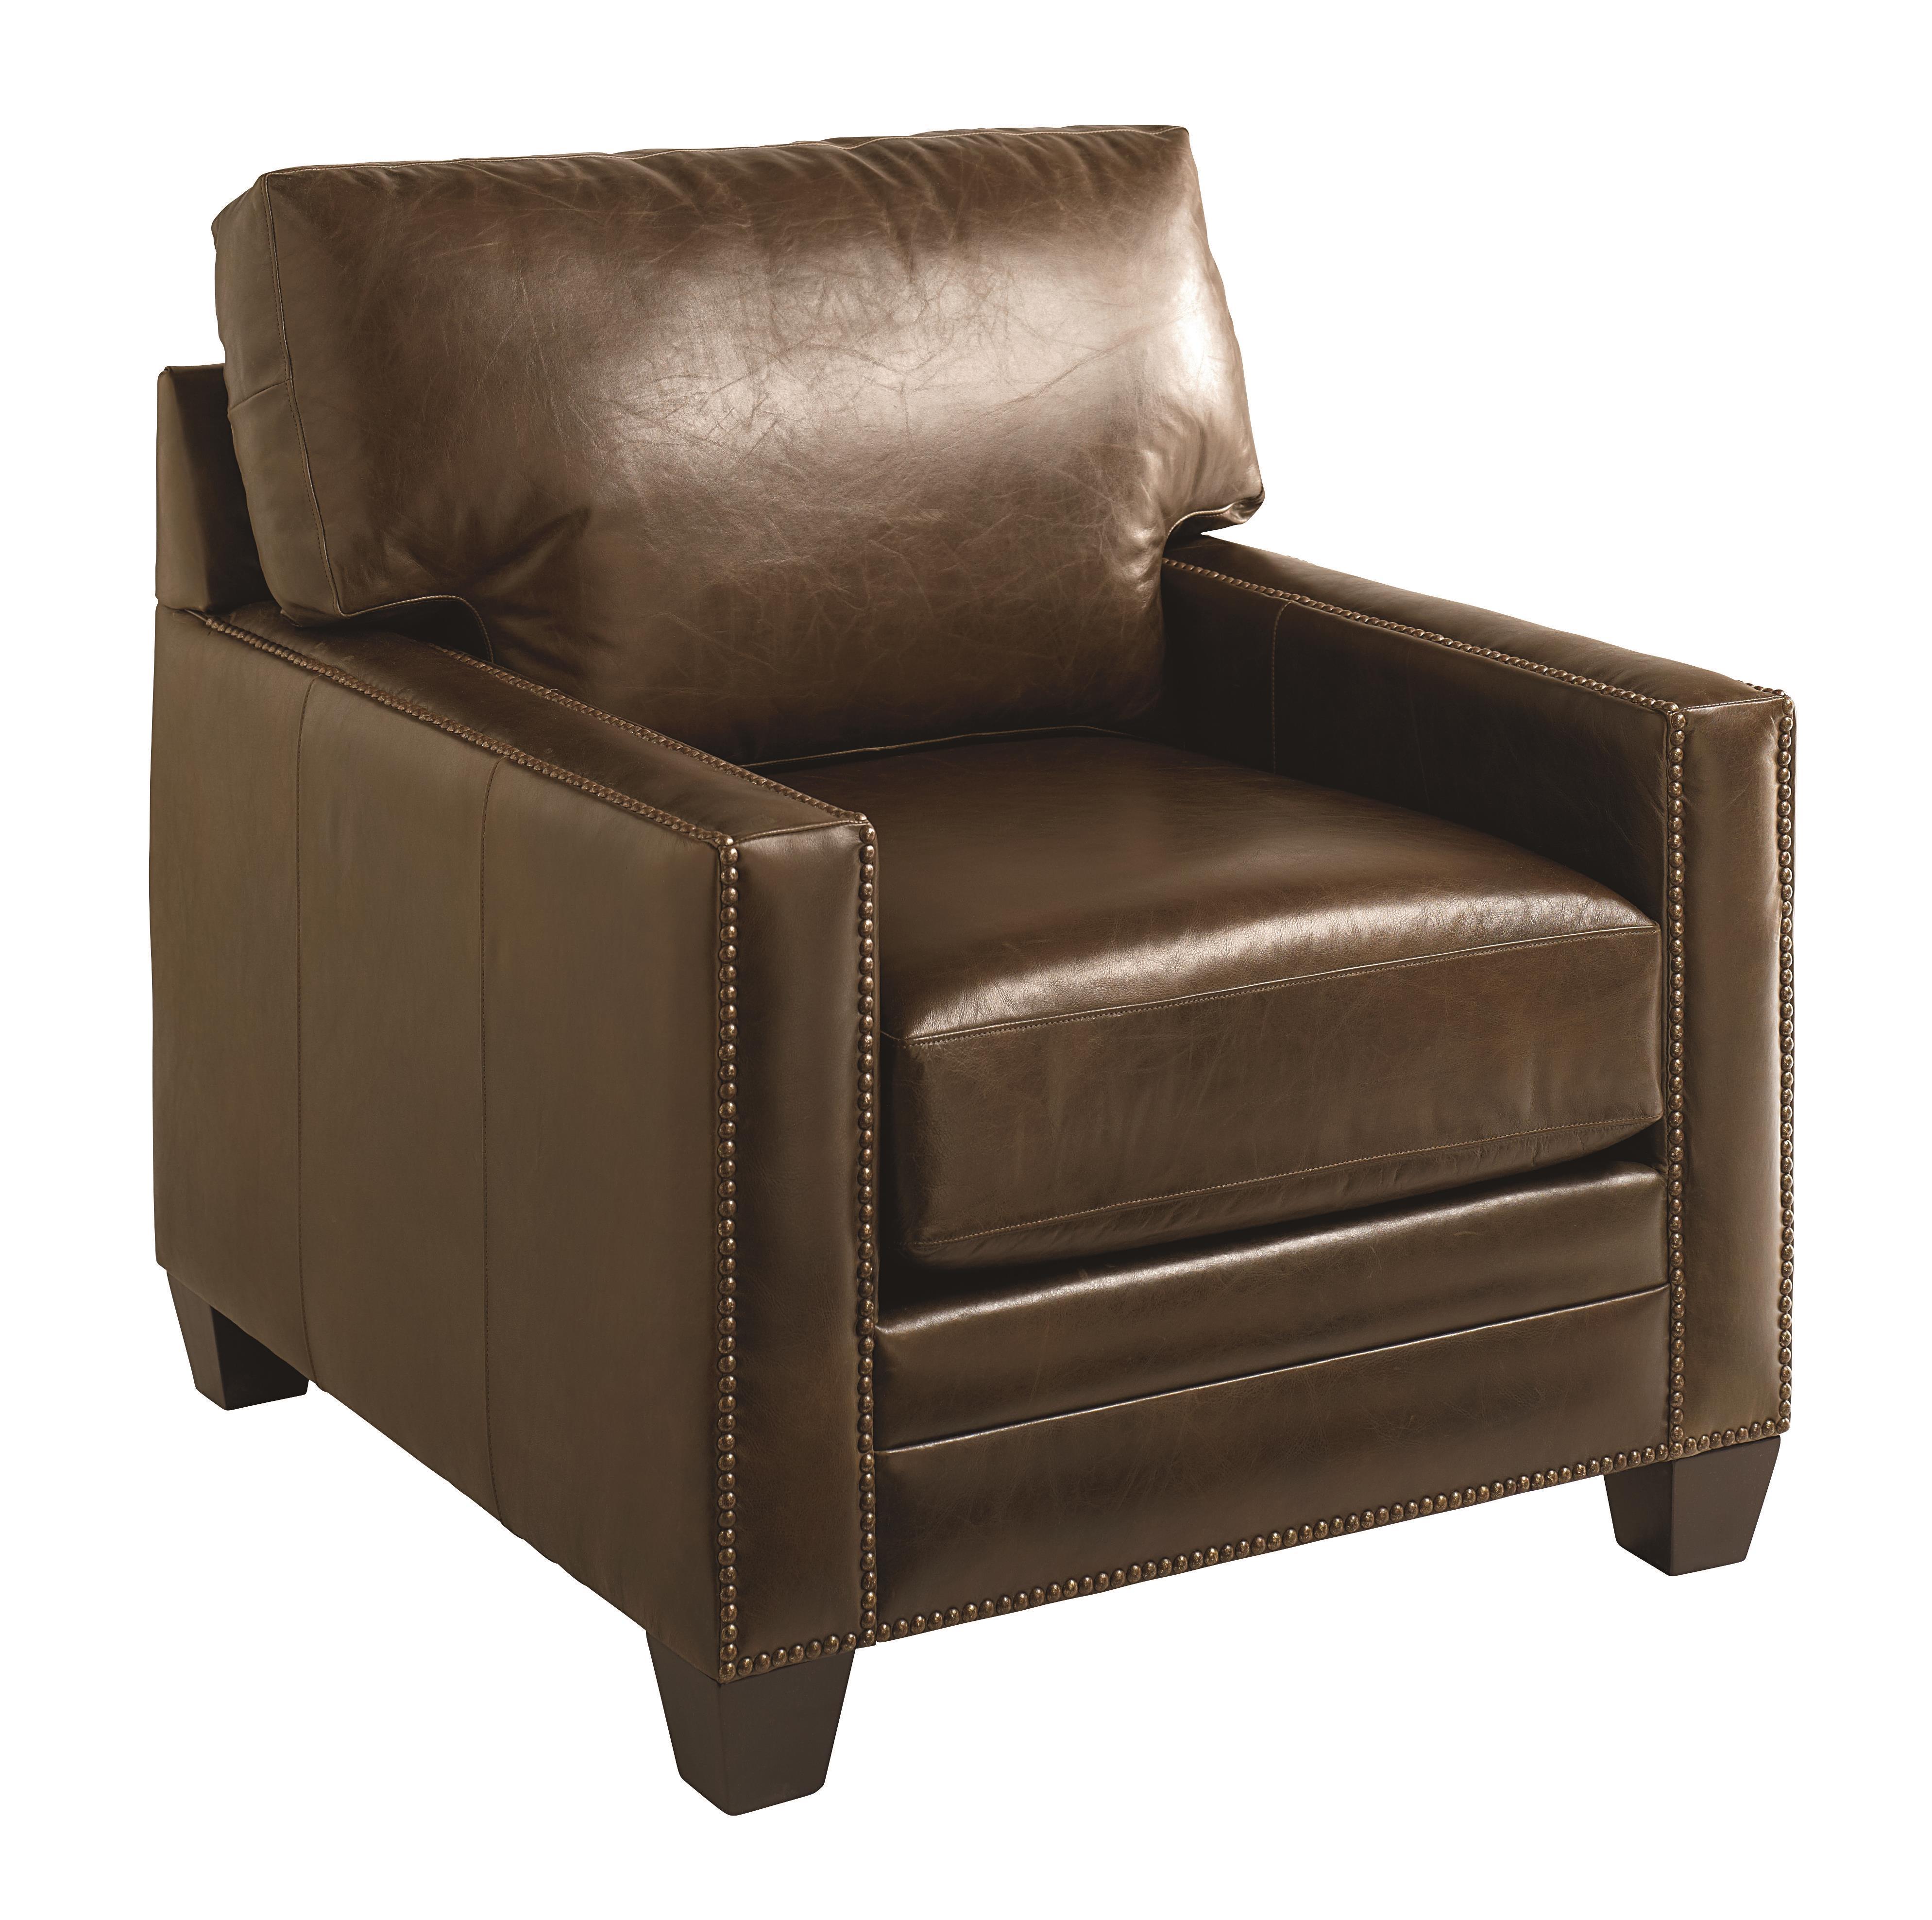 Bassett Furniture Bassett Va: Bassett Ladson Classic Styled Den Chair